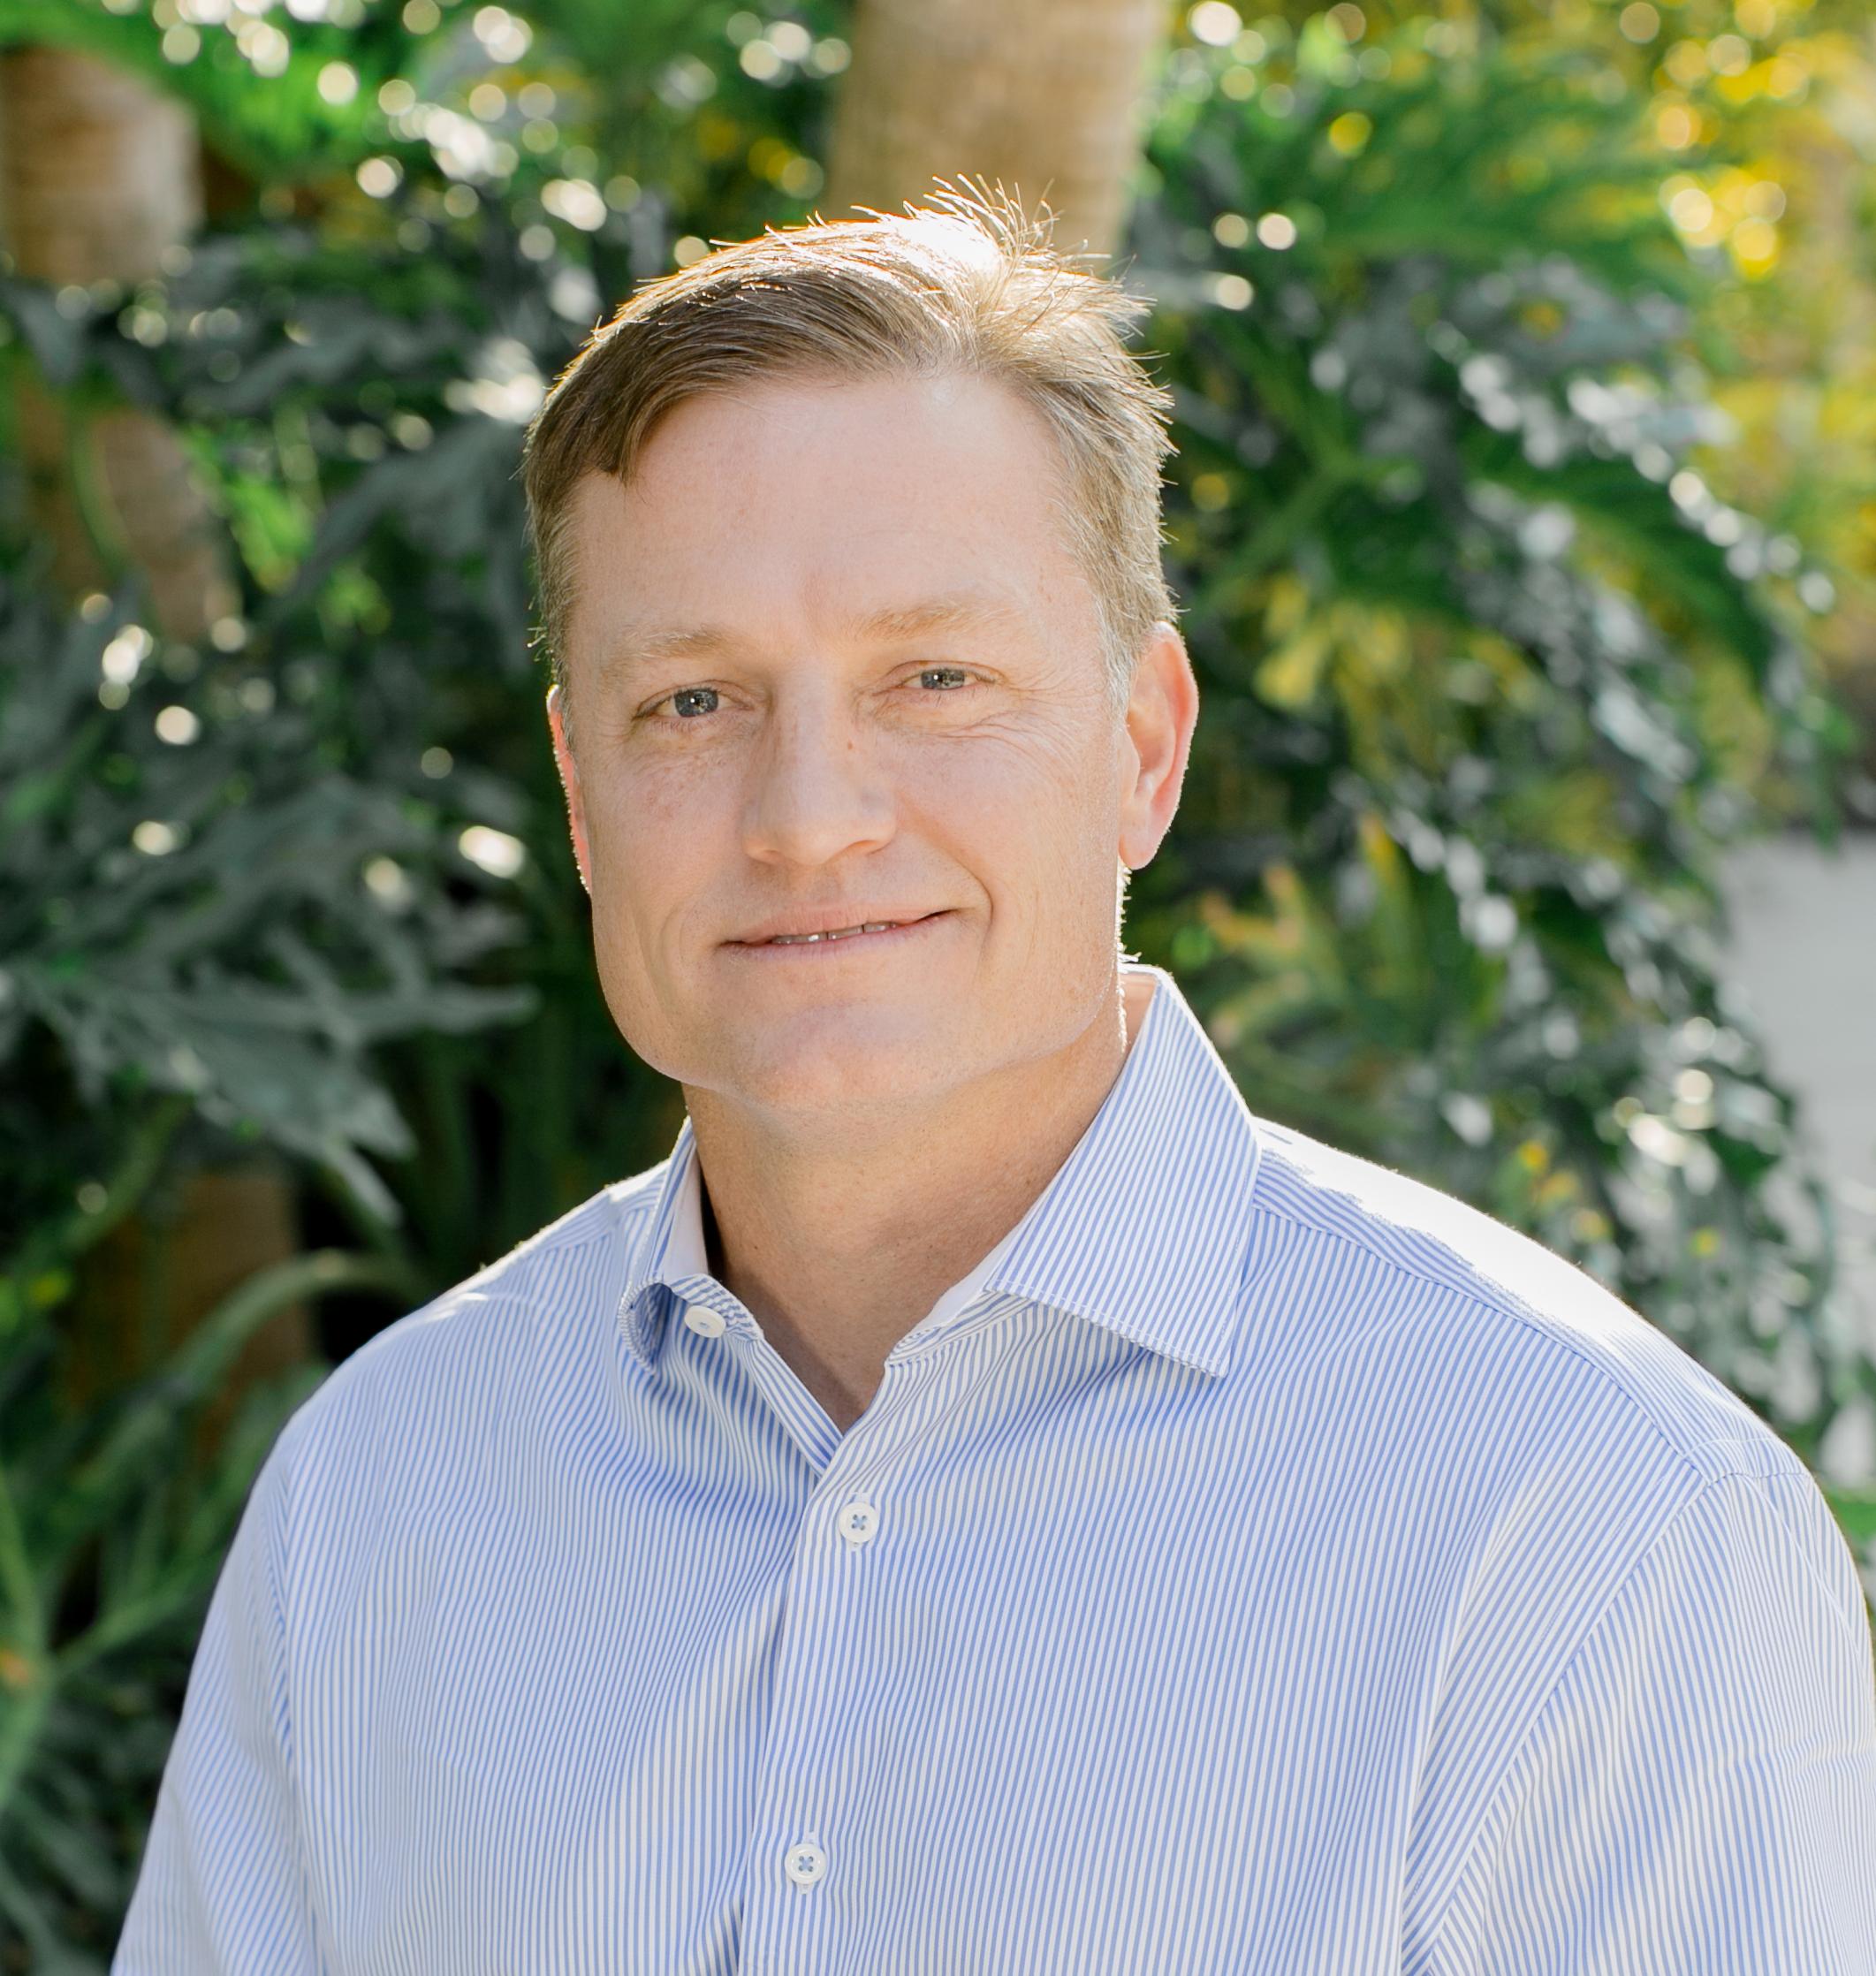 Kevin Fuchs